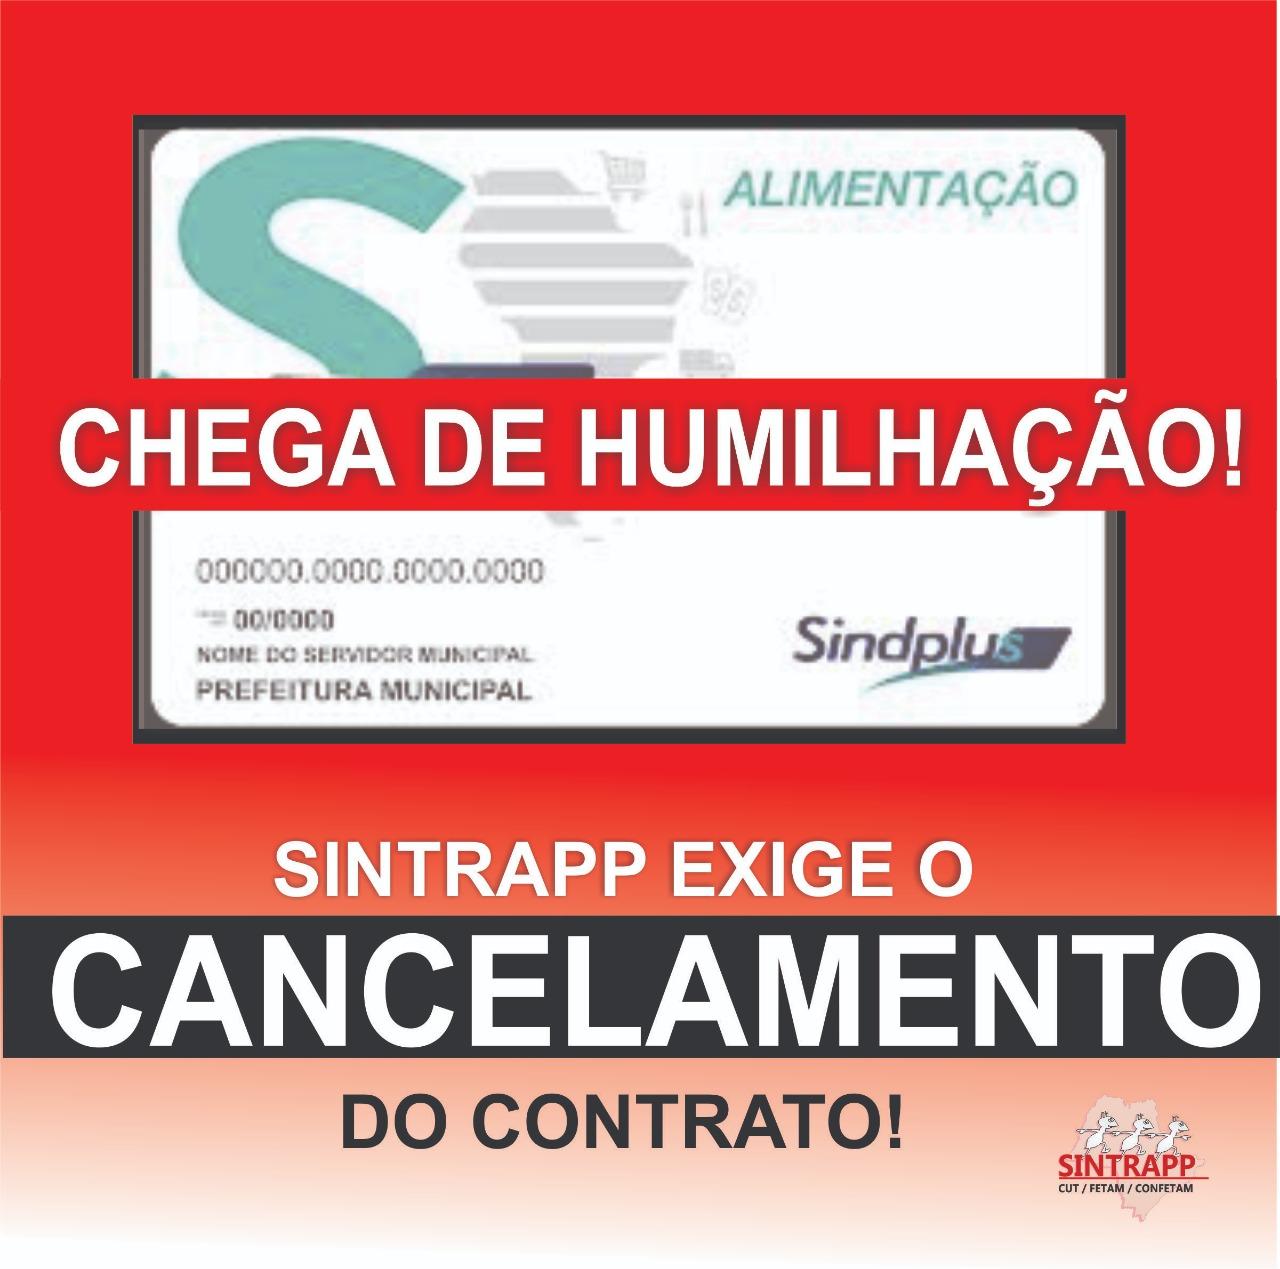 Sindicato exige suspensão imediata do contrato com a SindPlus